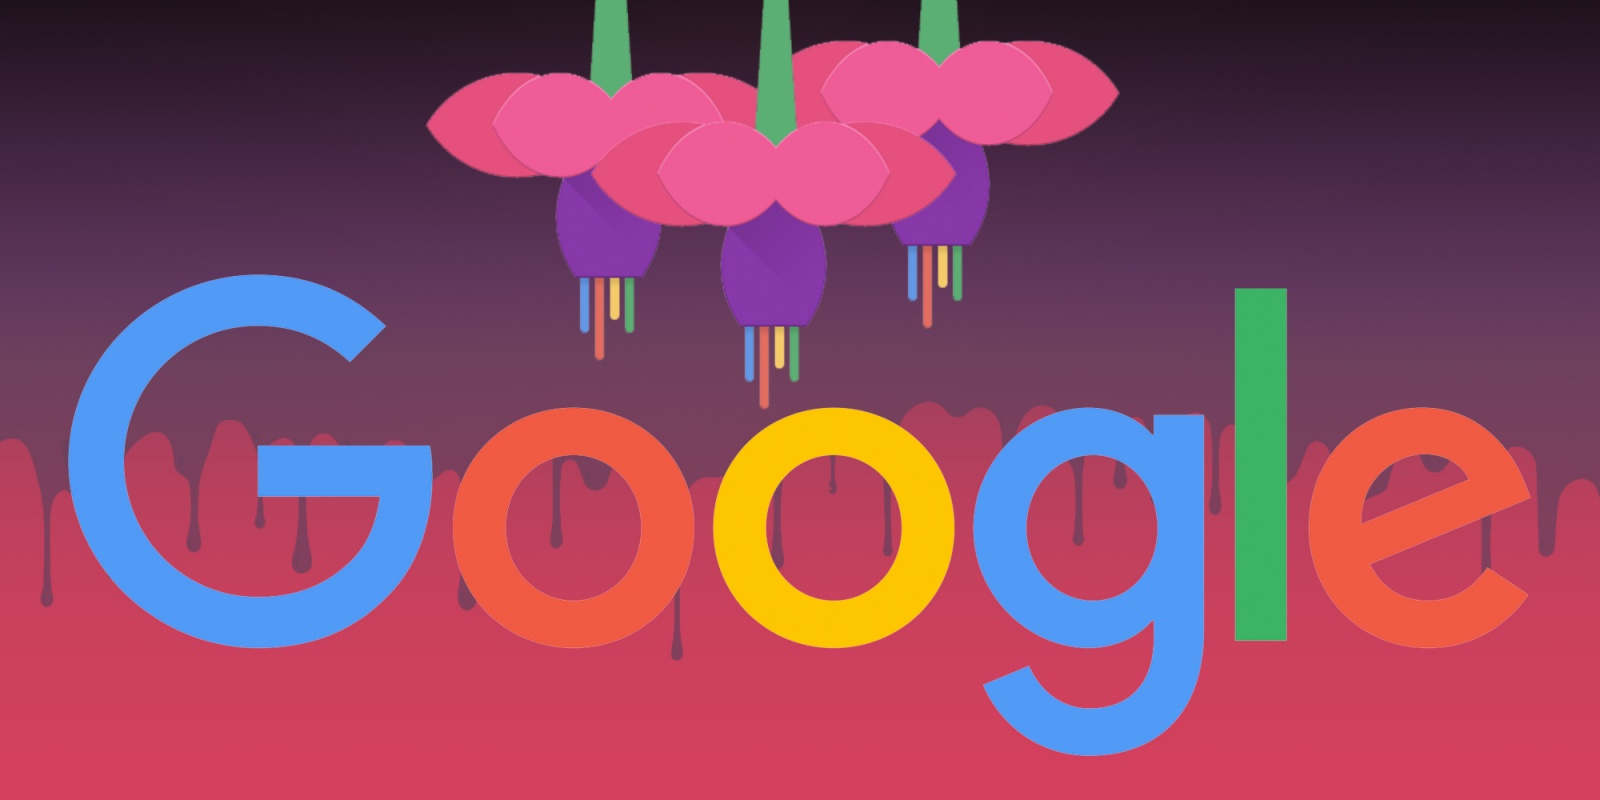 Операционные системы Andromeda и Fuchsia — загадок от Google стало больше - 1